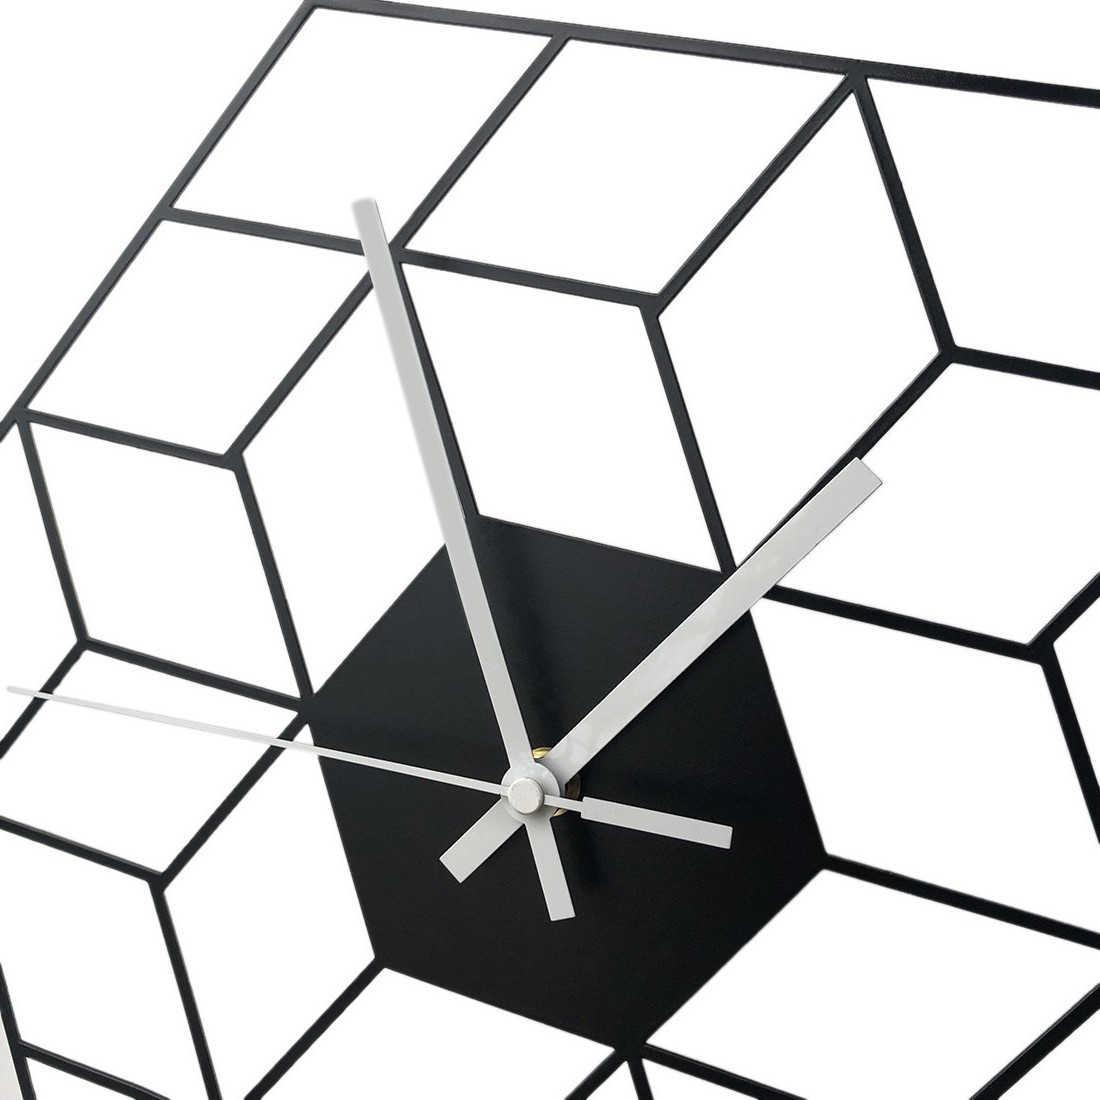 35X40 см креативная железная куб настенная батарея для часов работает бесшумные настенные часы Новое поступление подвесные часы домашний Декор Бесплатная доставка